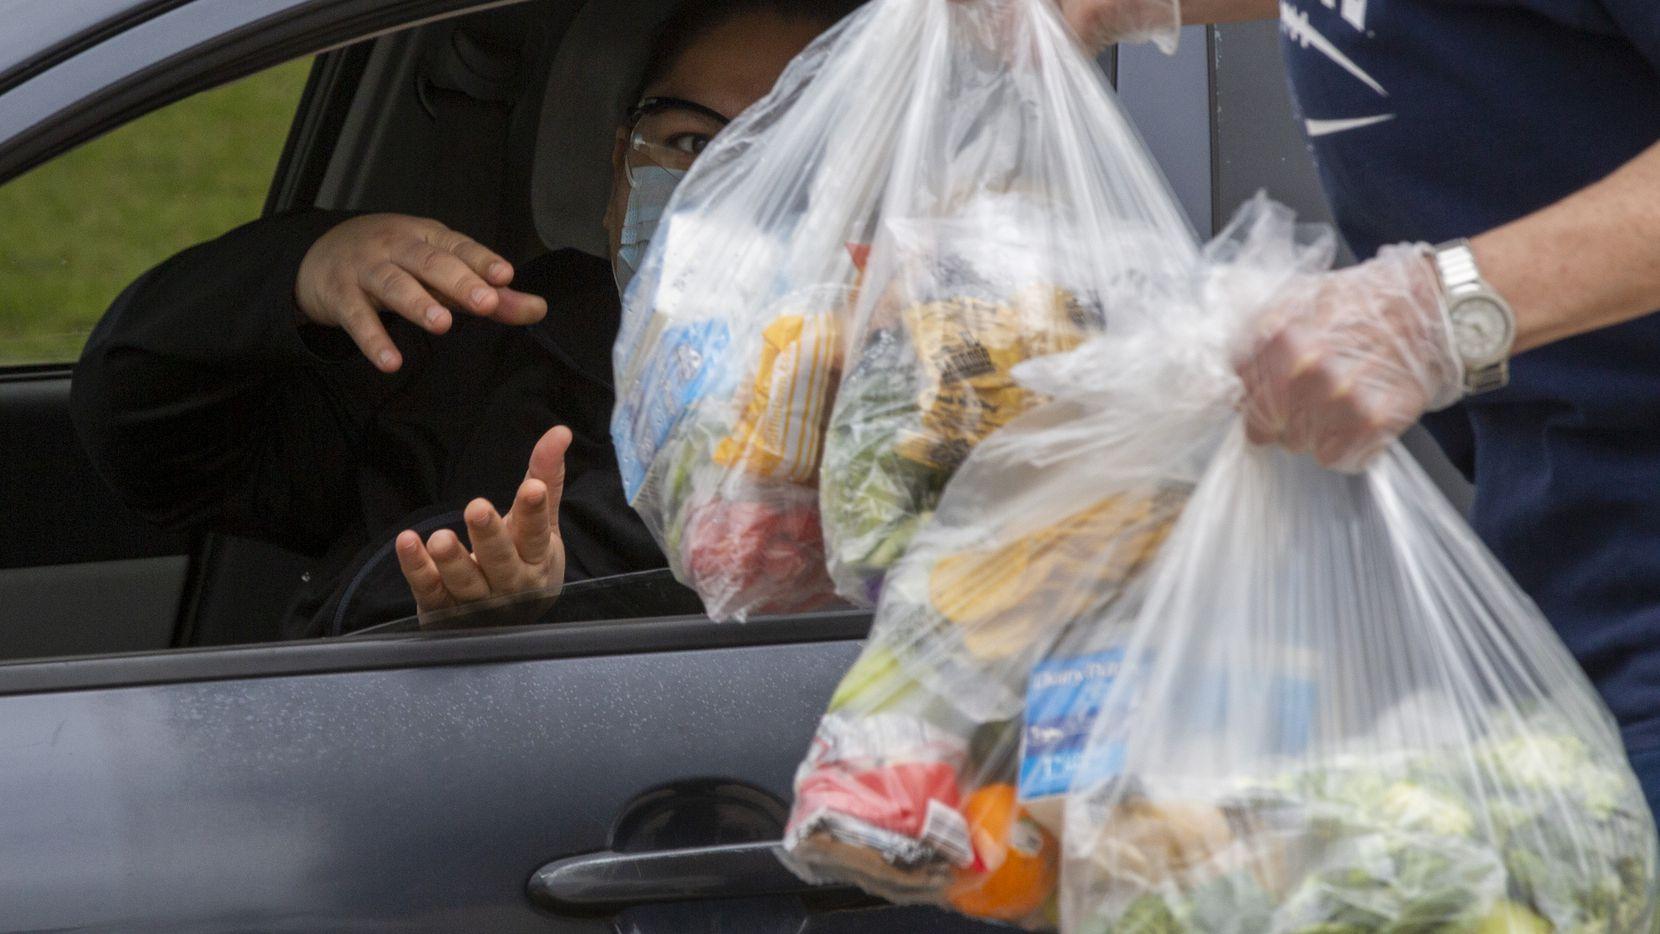 Voluntarios del DISD entregan paquetes de alimentos a familias este jueves.